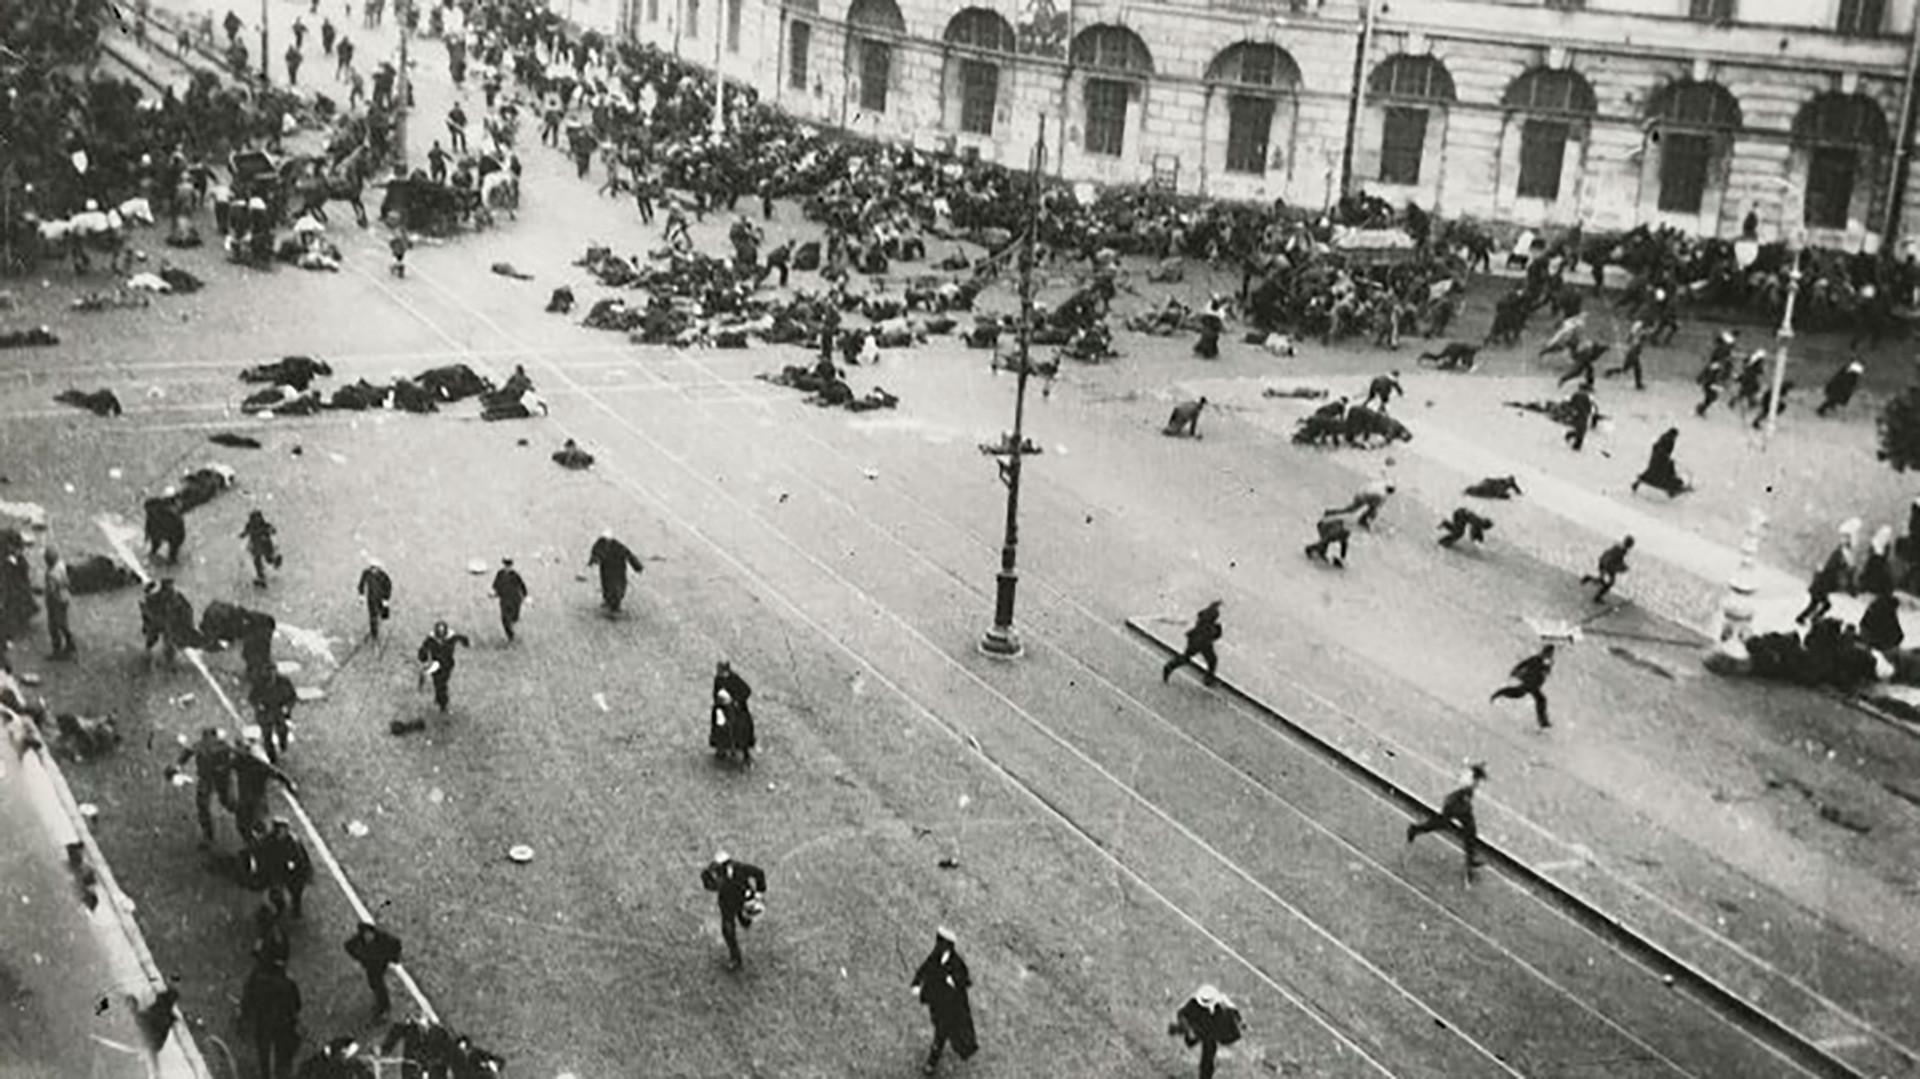 七月蜂起。1917年7月17日のネフスキー大通りでの騒乱